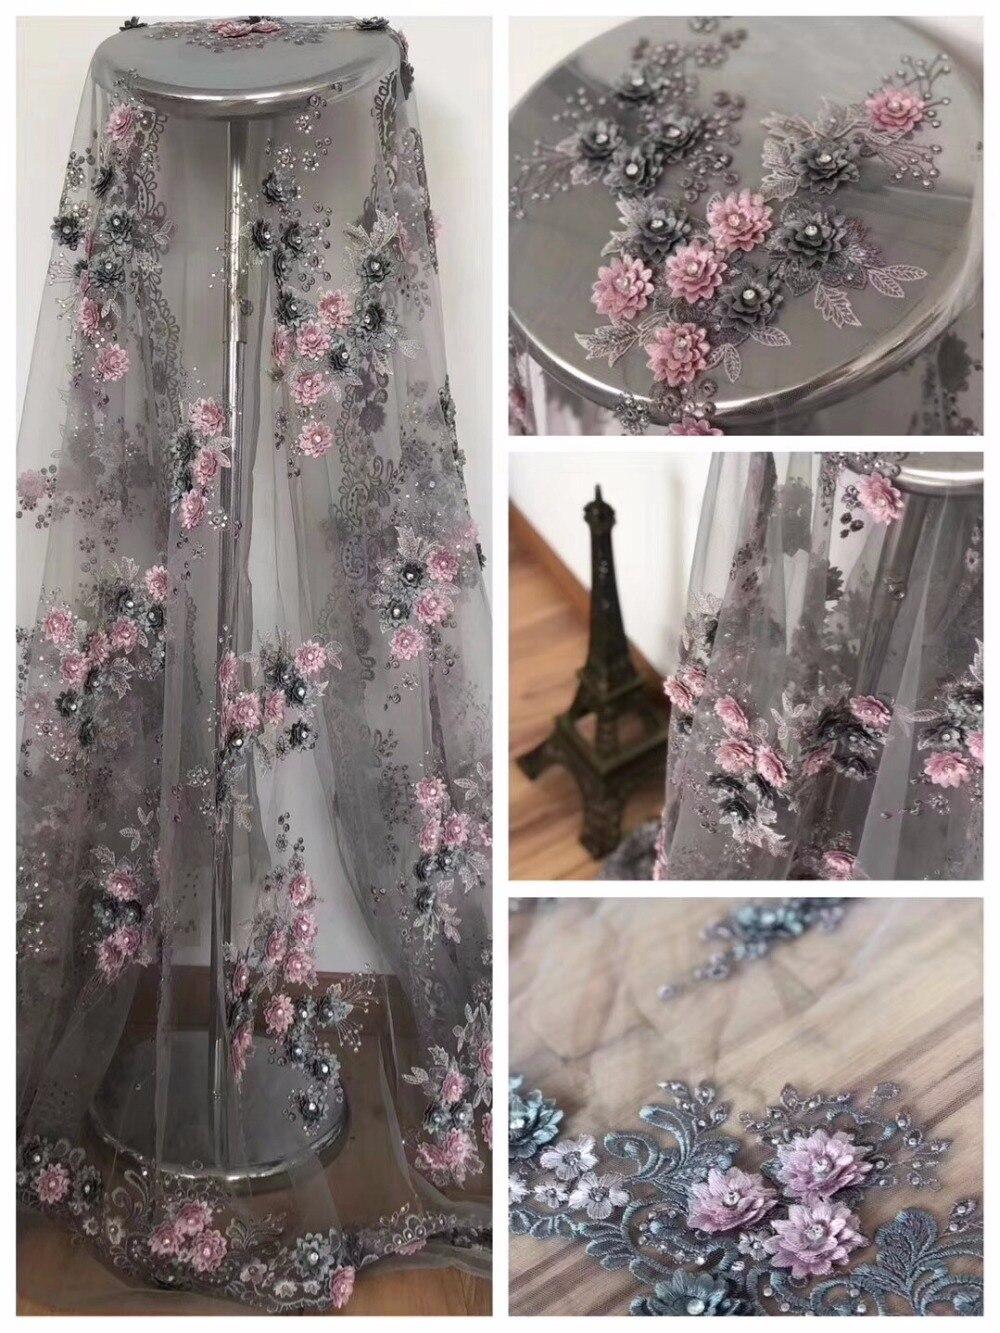 Dentelle tissu 3D fleur français dentelle tissu filet brodé Appliques dentelle pour mariage ZLN48